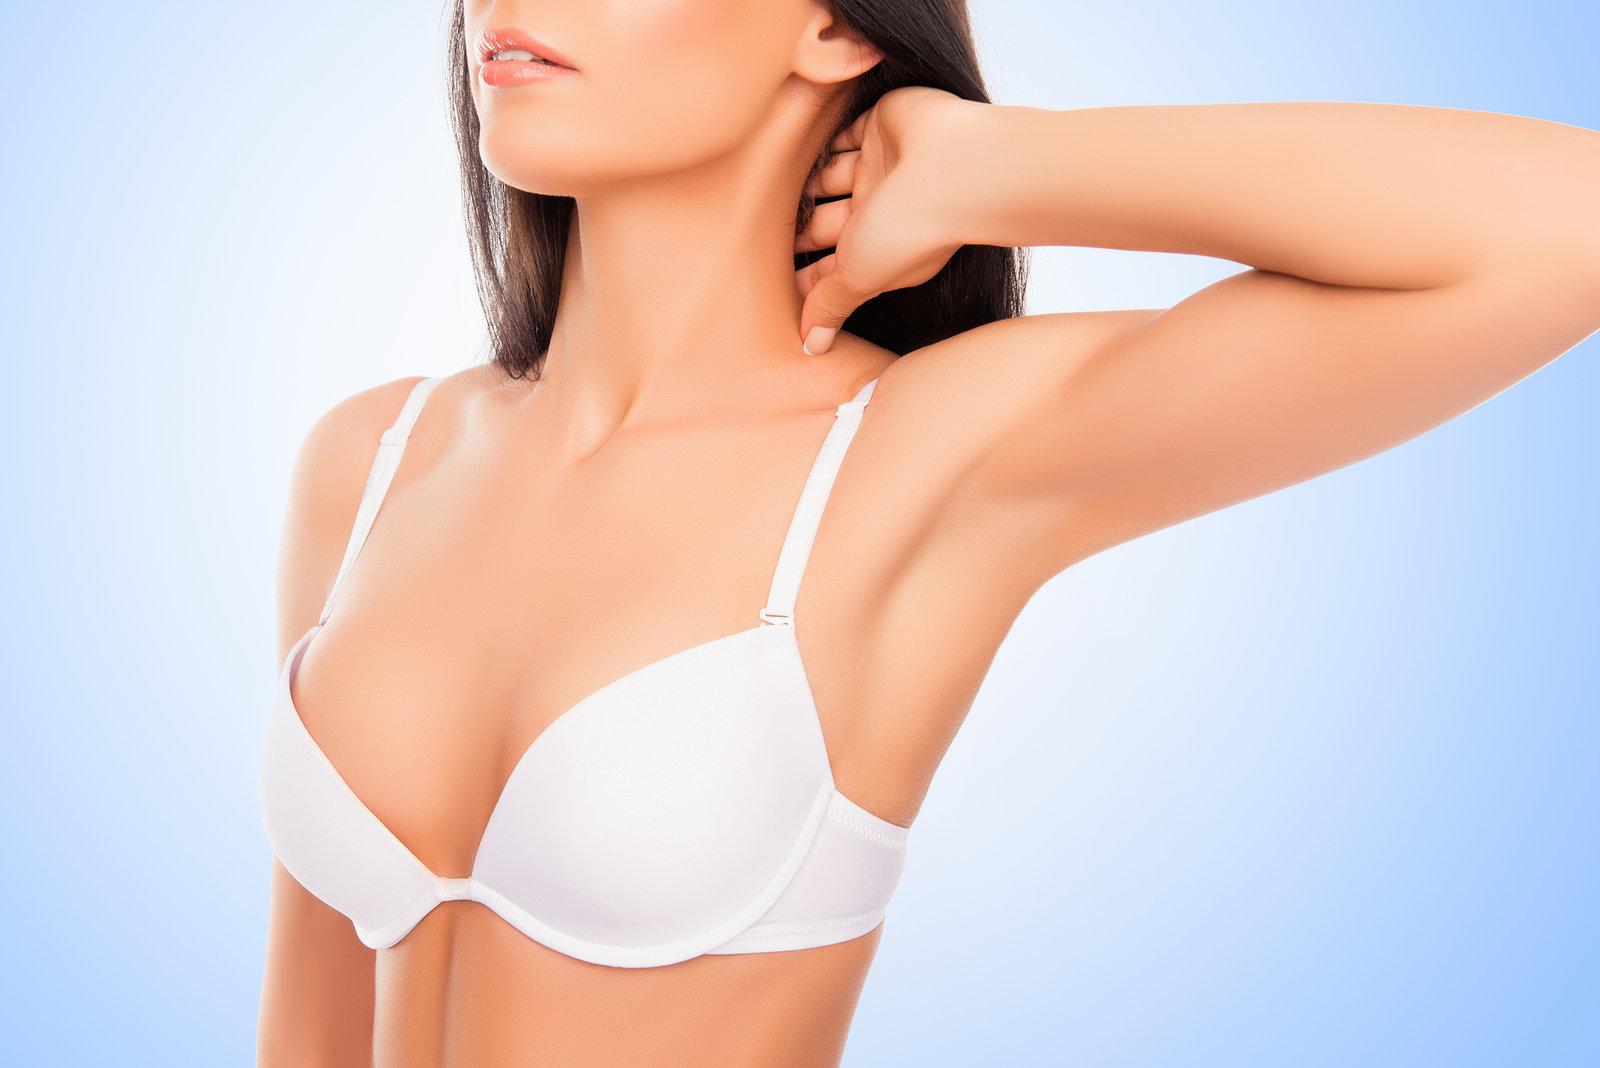 Breast Uplift